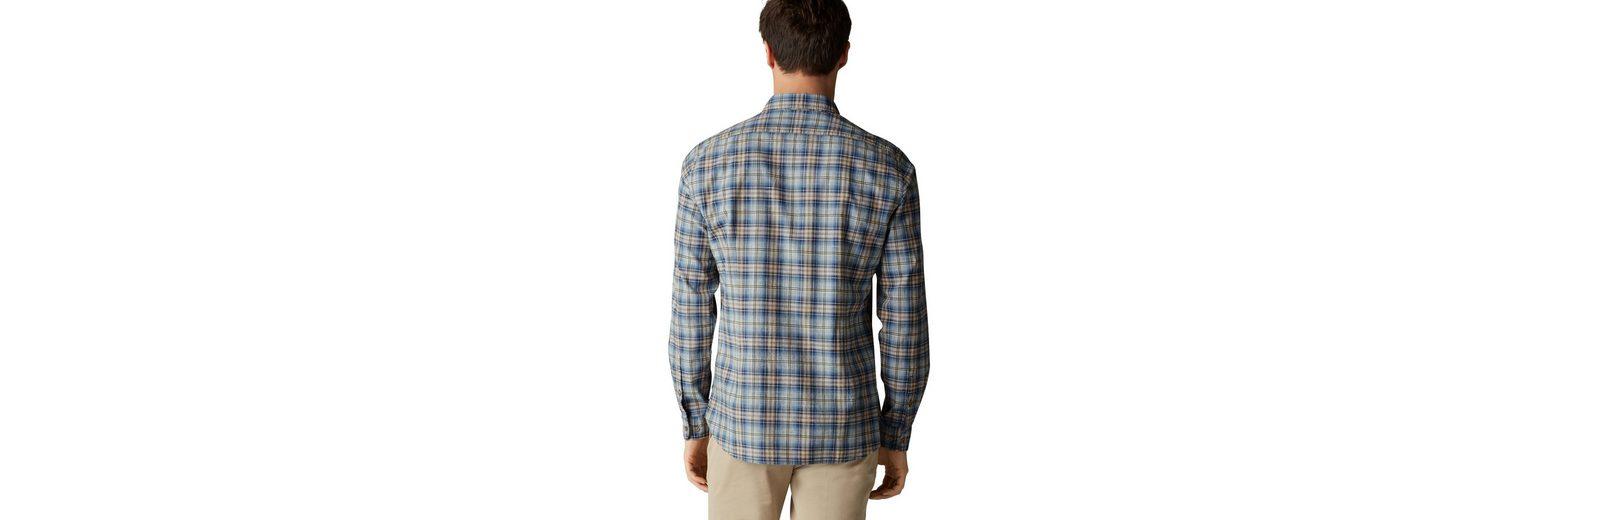 O'Polo Marc O'Polo Marc Langarmhemd O'Polo Langarmhemd Marc Marc O'Polo O'Polo Langarmhemd Langarmhemd Marc Langarmhemd Marc AxFvnUfqw